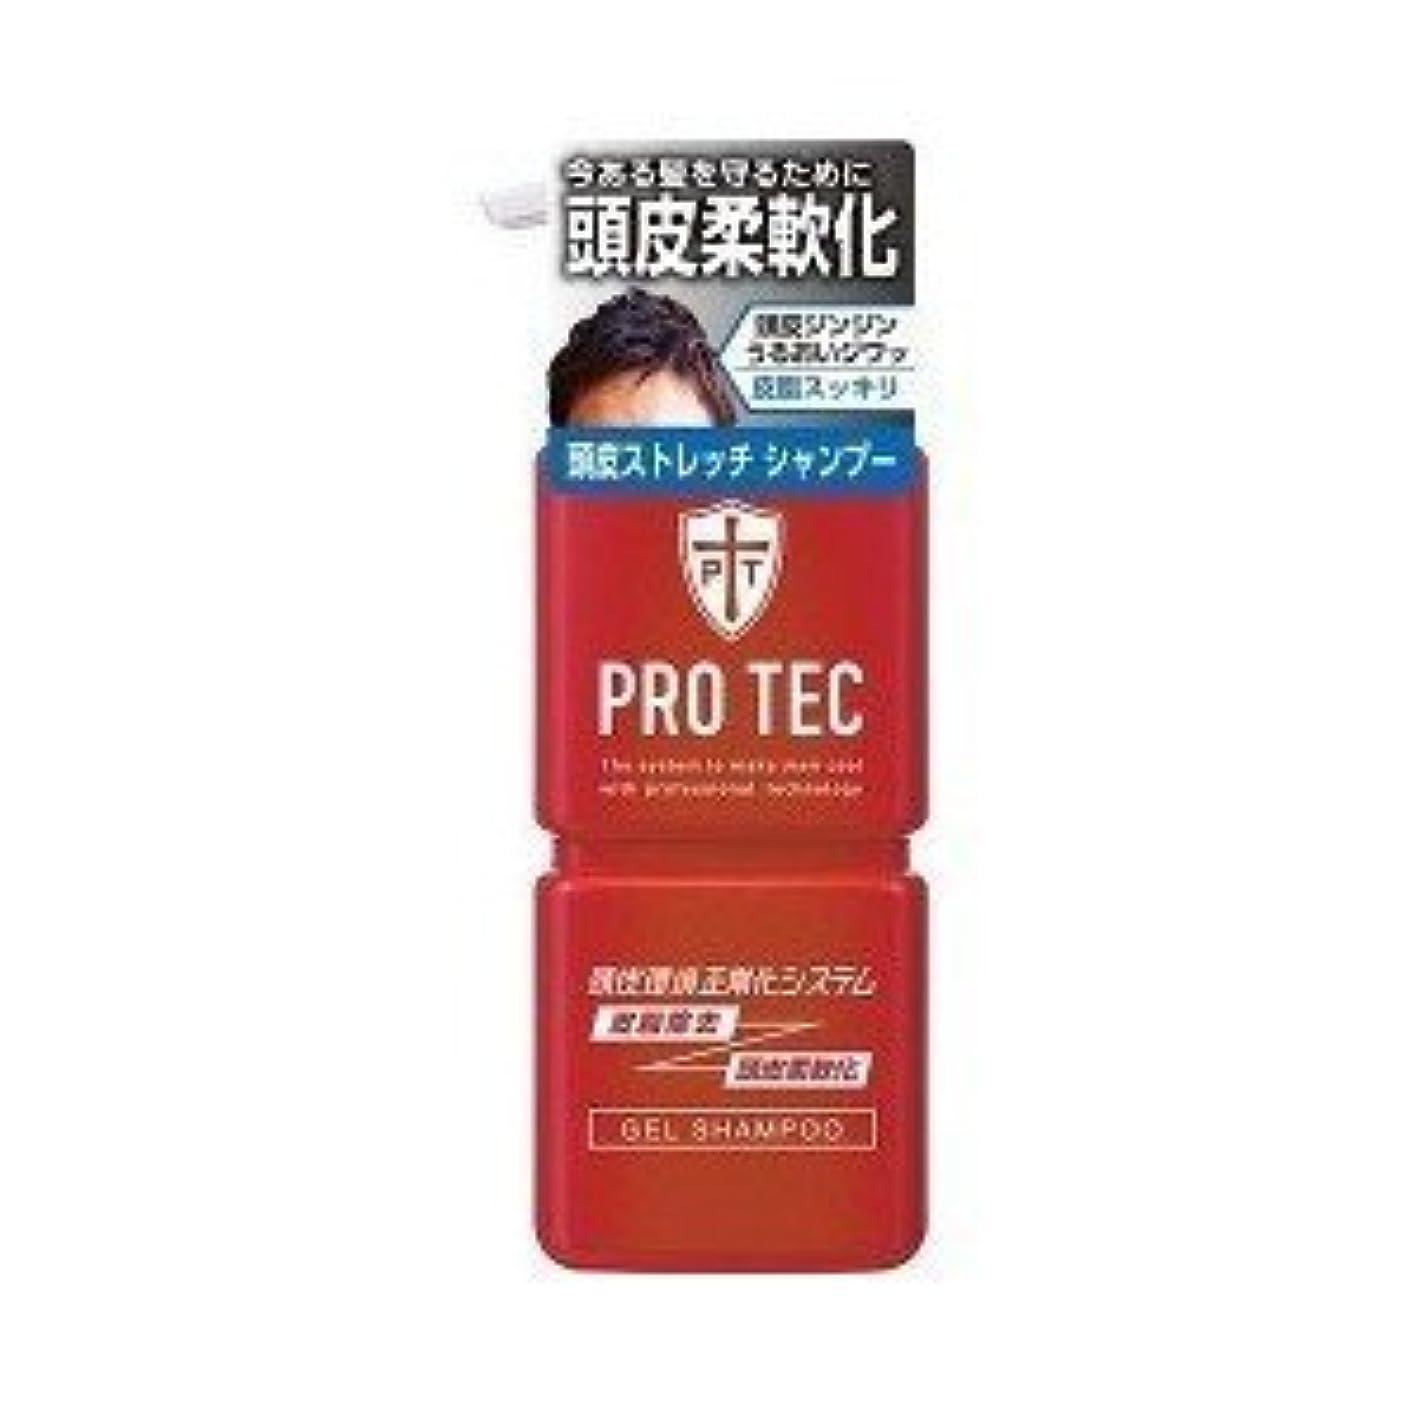 スカウト頑固なスワップ(ライオン)PRO TEC(プロテク) 頭皮ストレッチ シャンプー ポンプ 300g(医薬部外品)